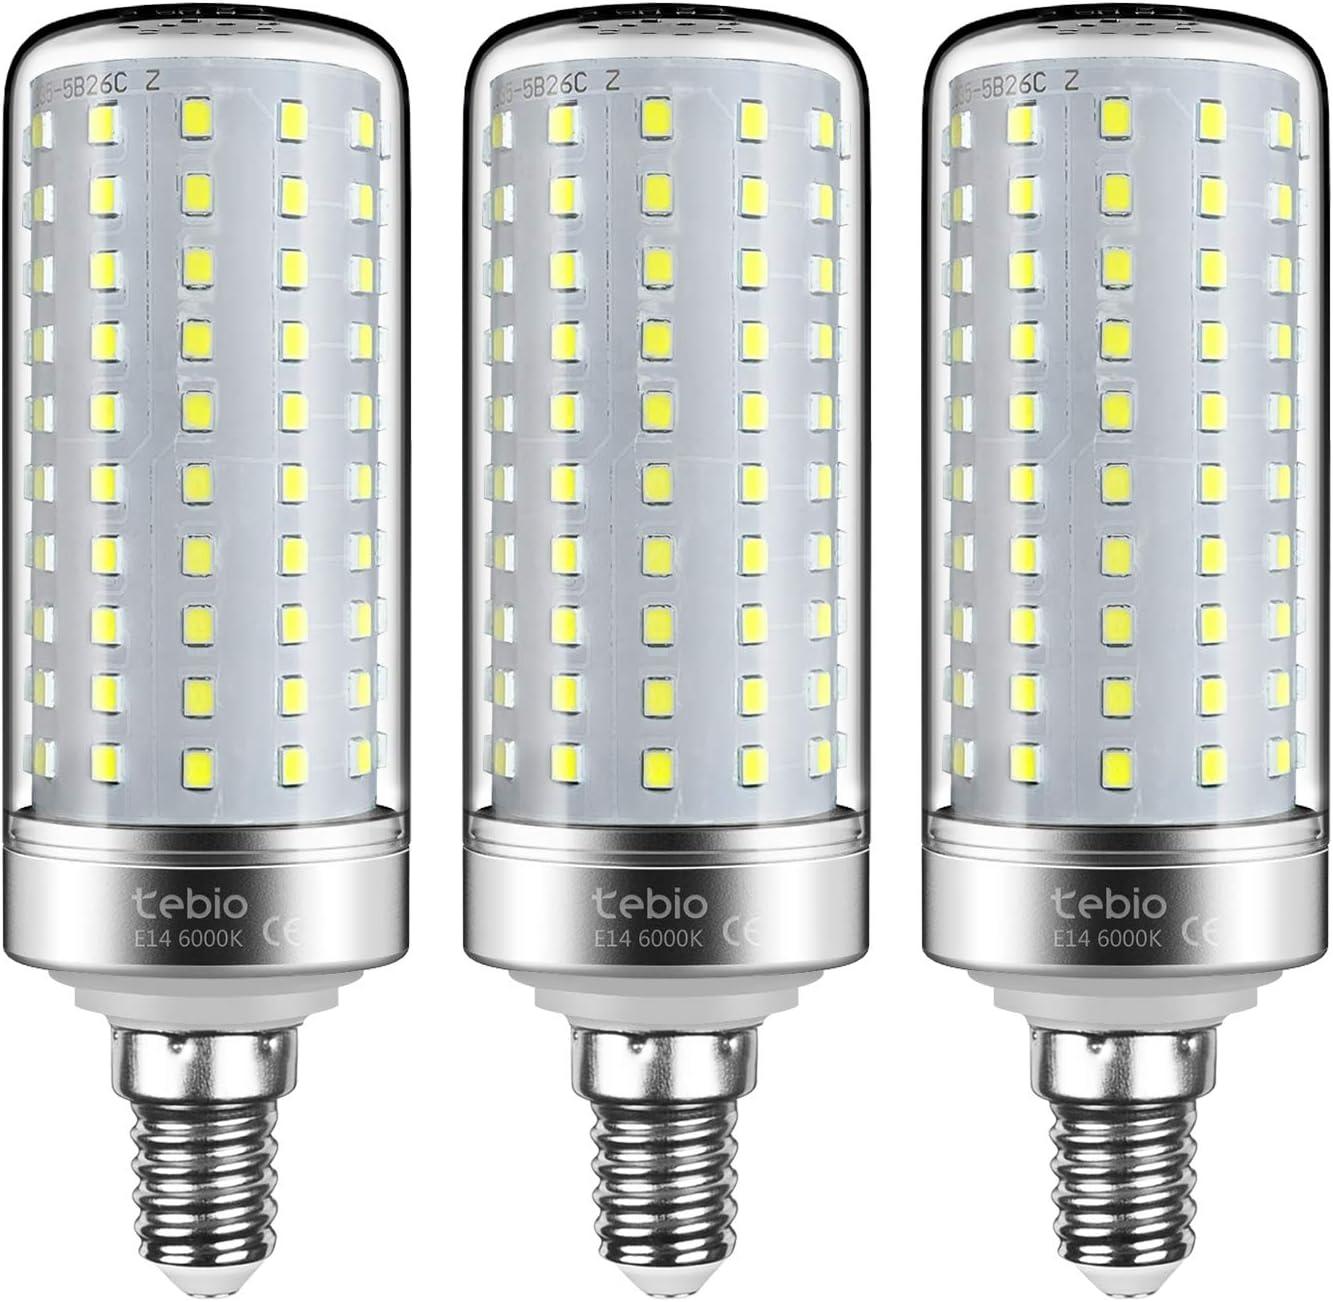 Tebio - Bombilla LED E14 Mais de 25 W, rosca Edison pequeña, 6000 K, luz blanca fría, 200 W, equivalente a bombillas no regulables, 3 unidades